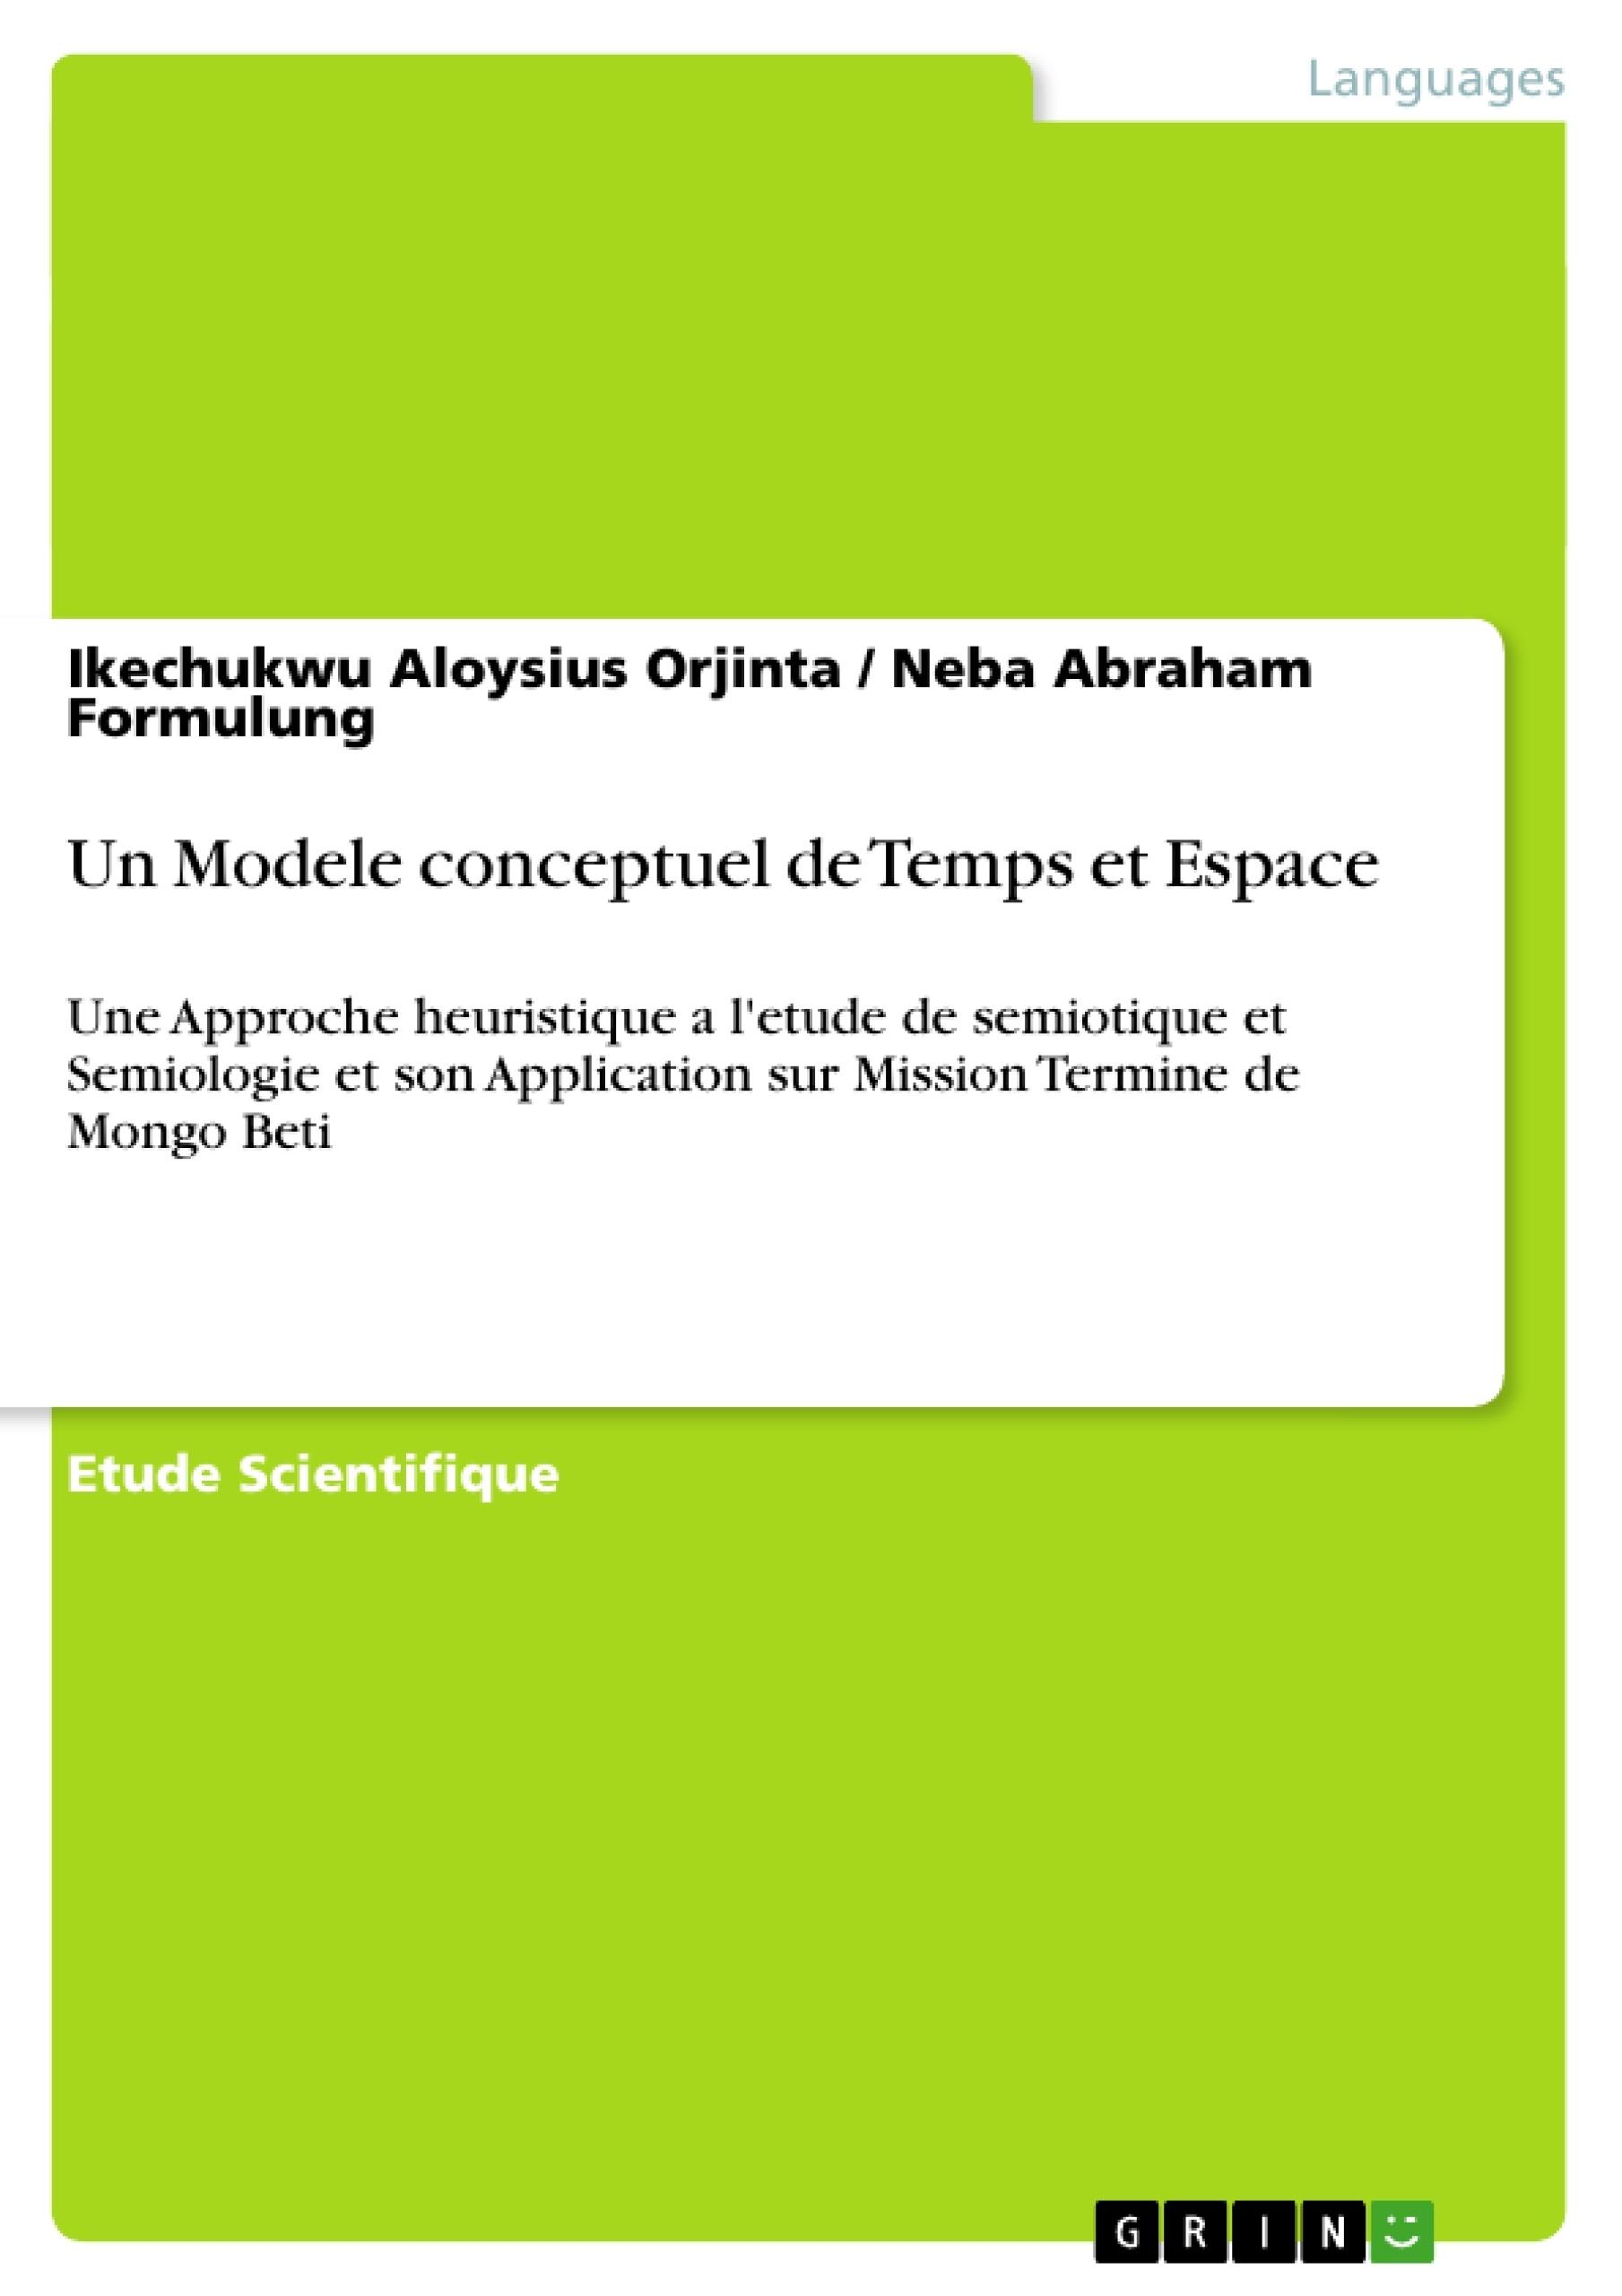 Titre: Un Modele conceptuel de Temps et Espace